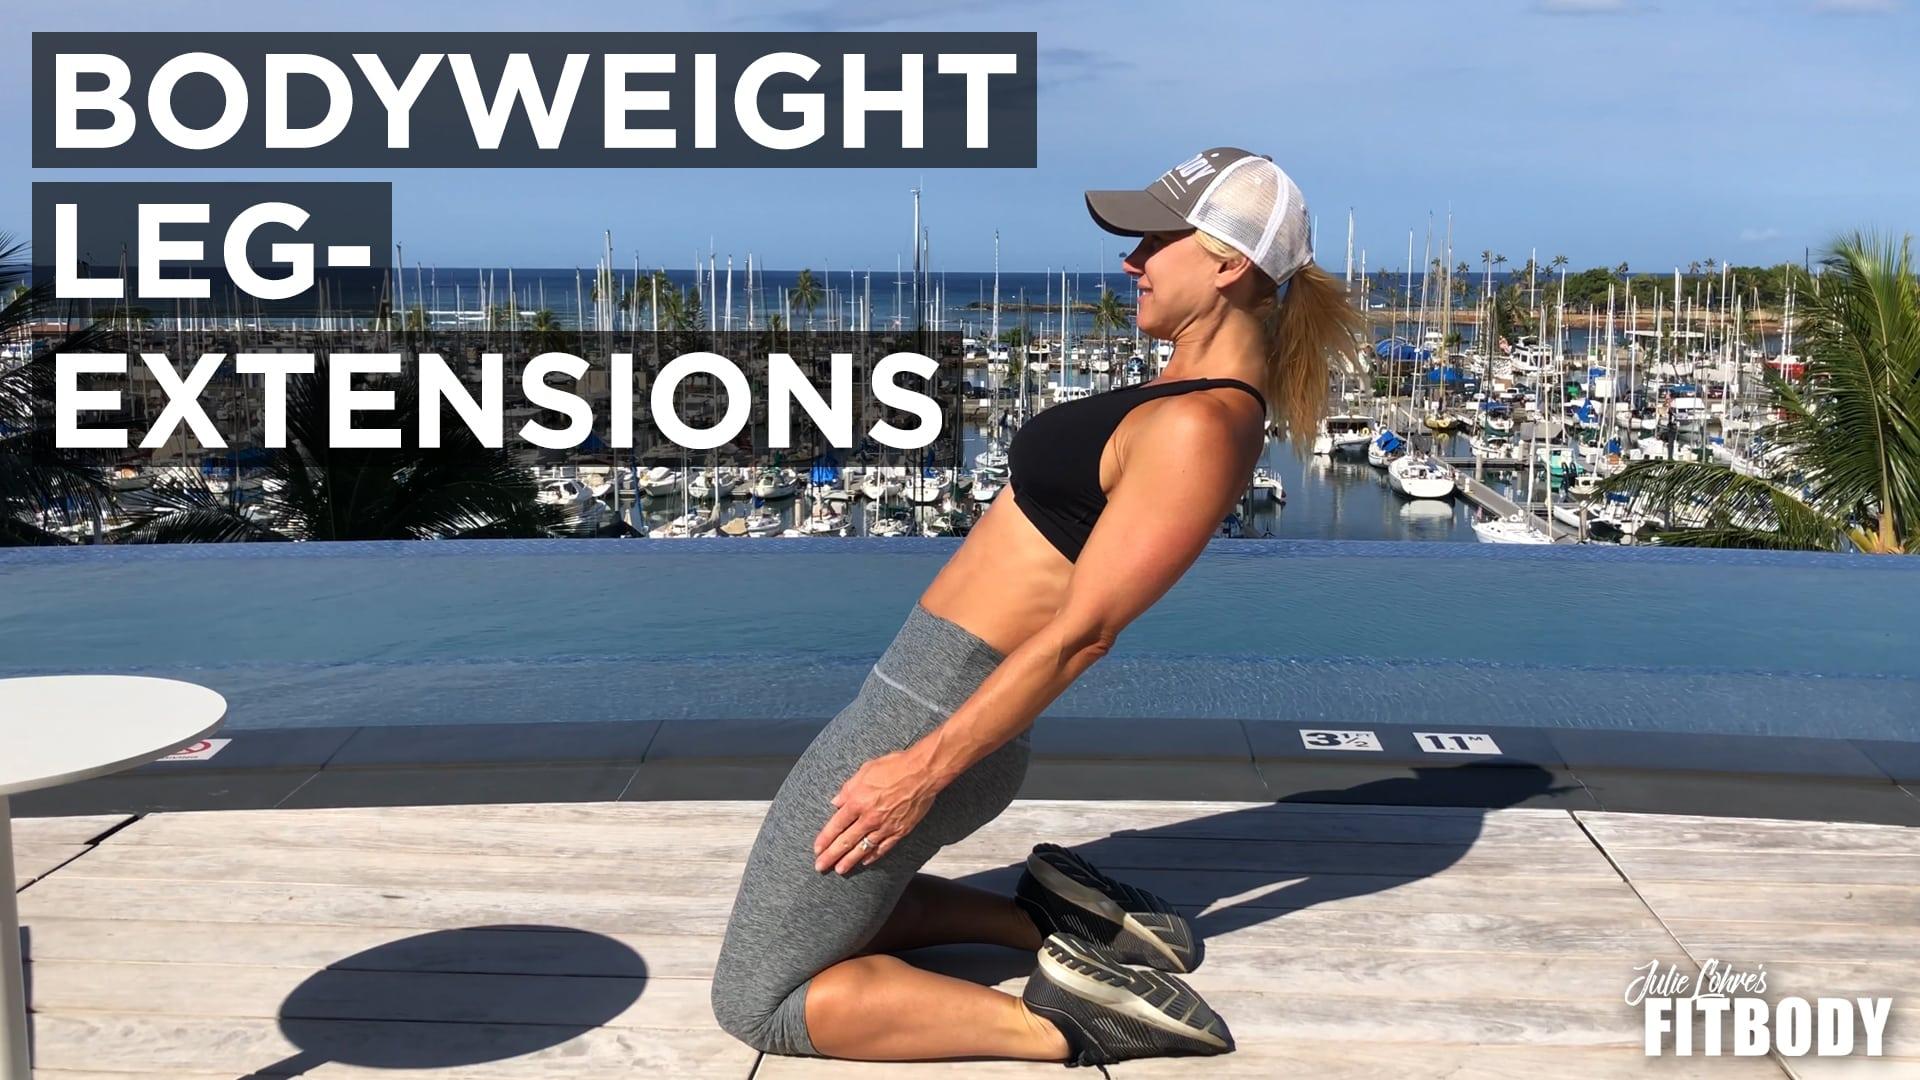 Bodyweight Leg Extensions